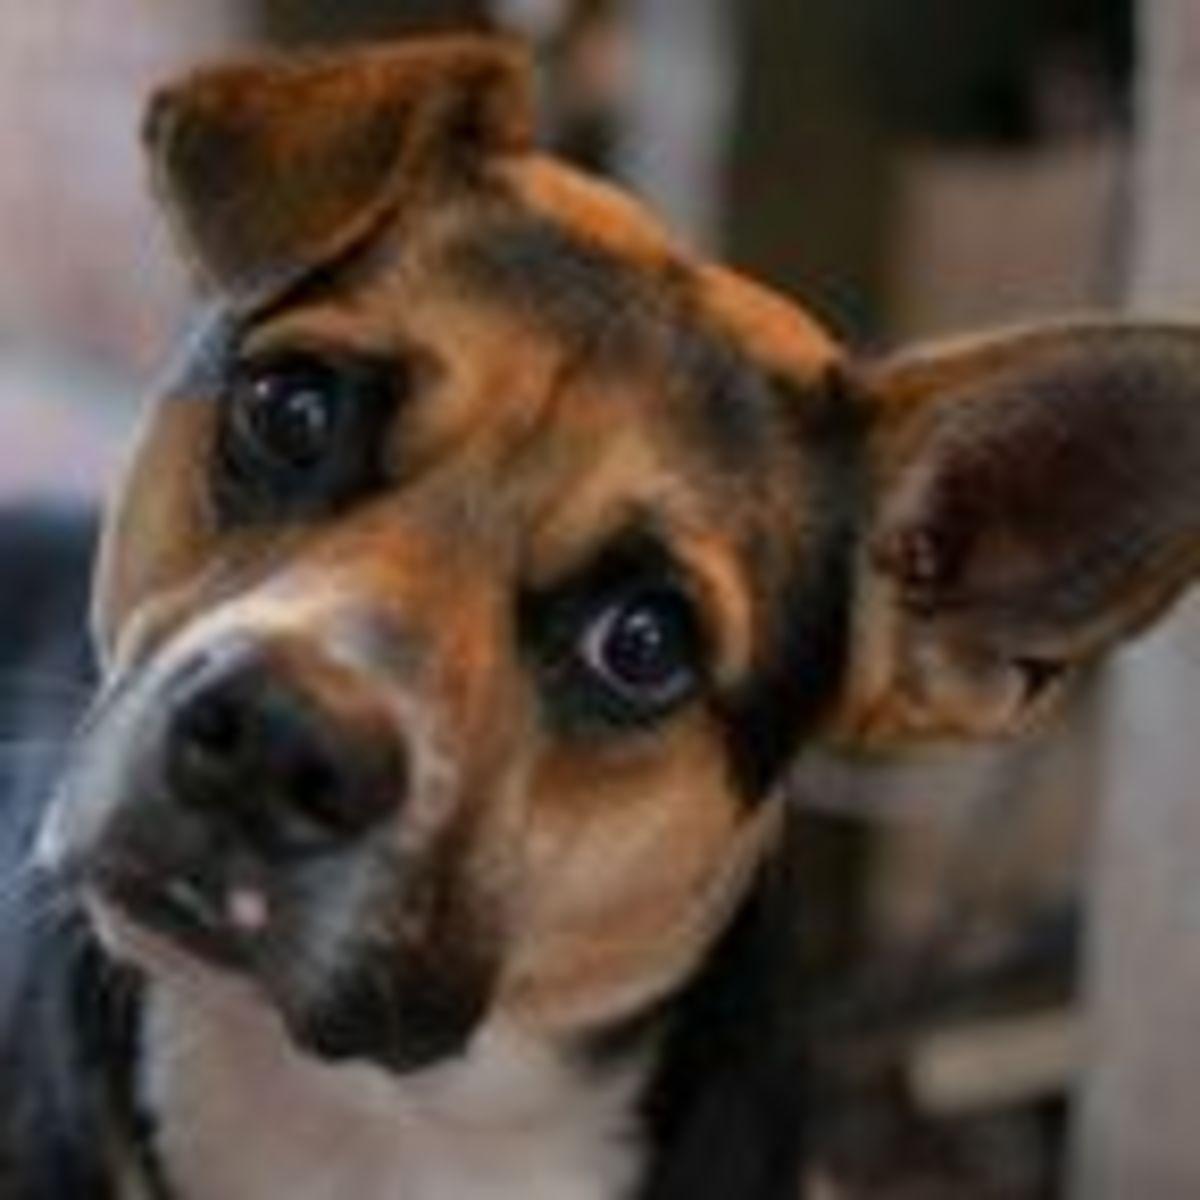 Pin by Tina Grossmann on Pets & Fireworks   Pet hacks, Pet safe, Dog safety